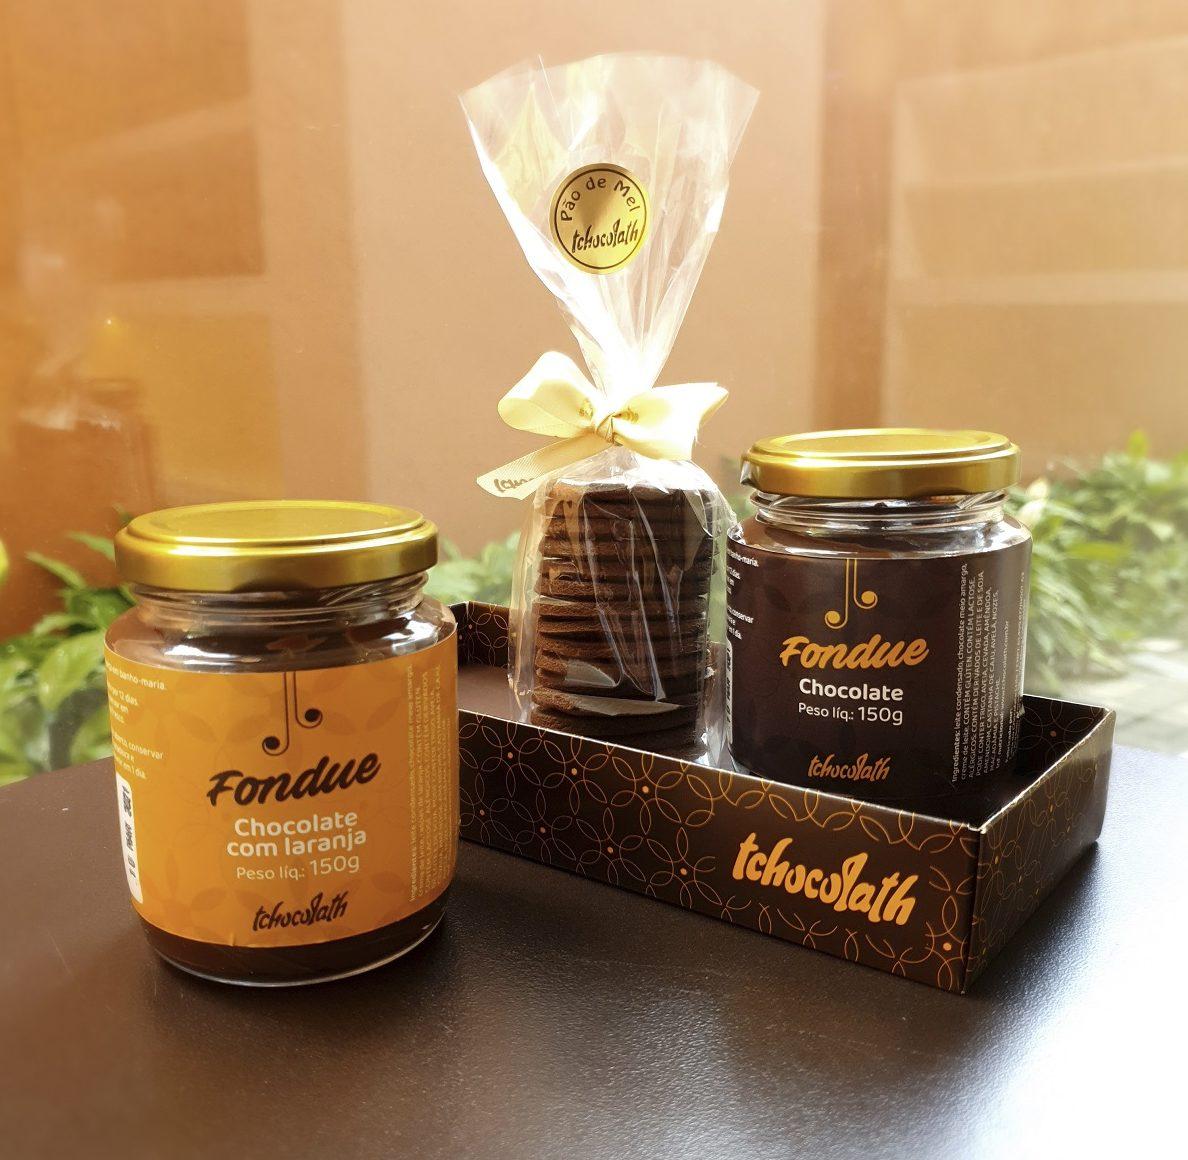 Tchocolath | Foto: divulgação